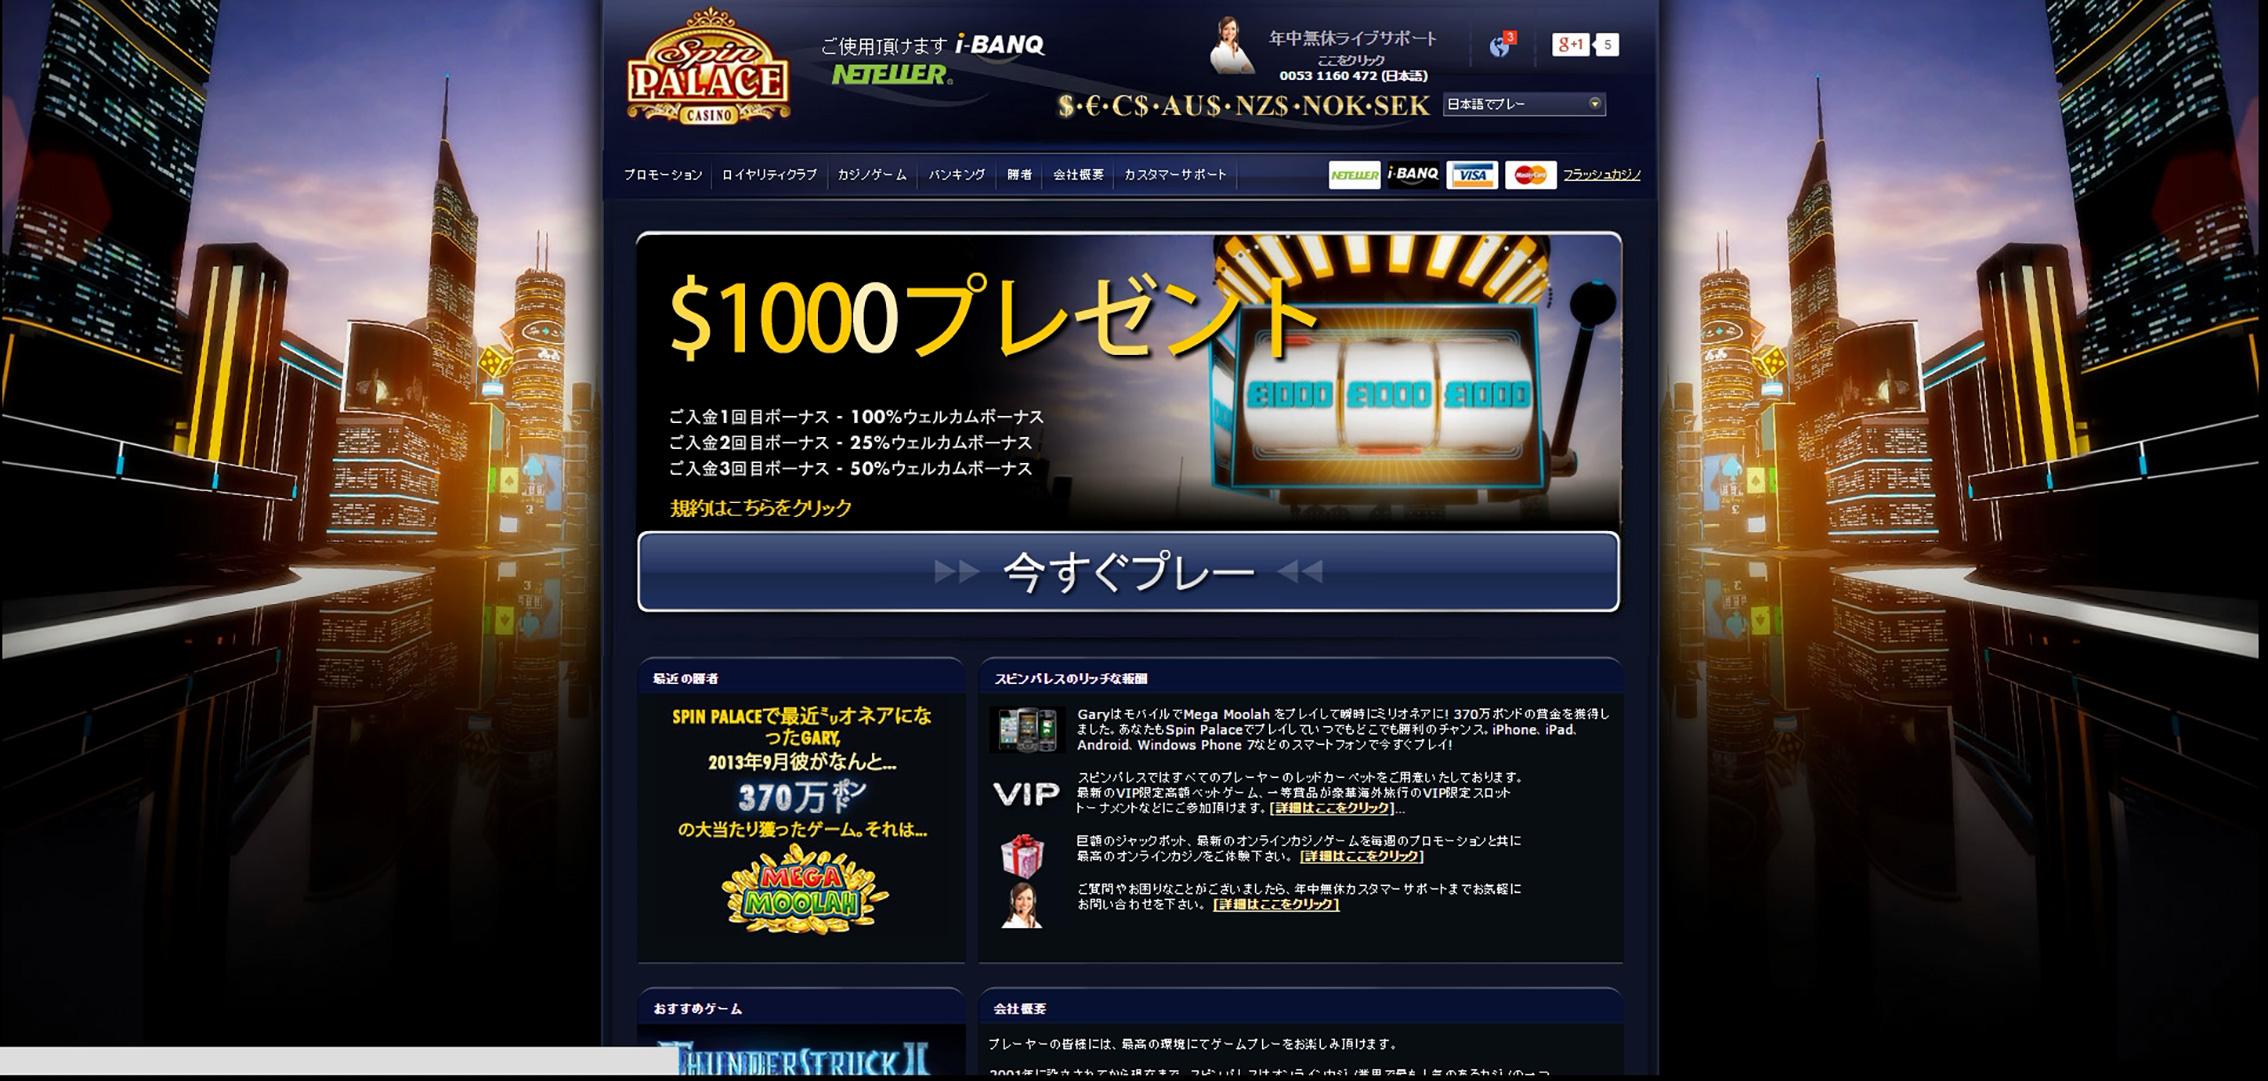 スピンパレスカジノの公式サイト